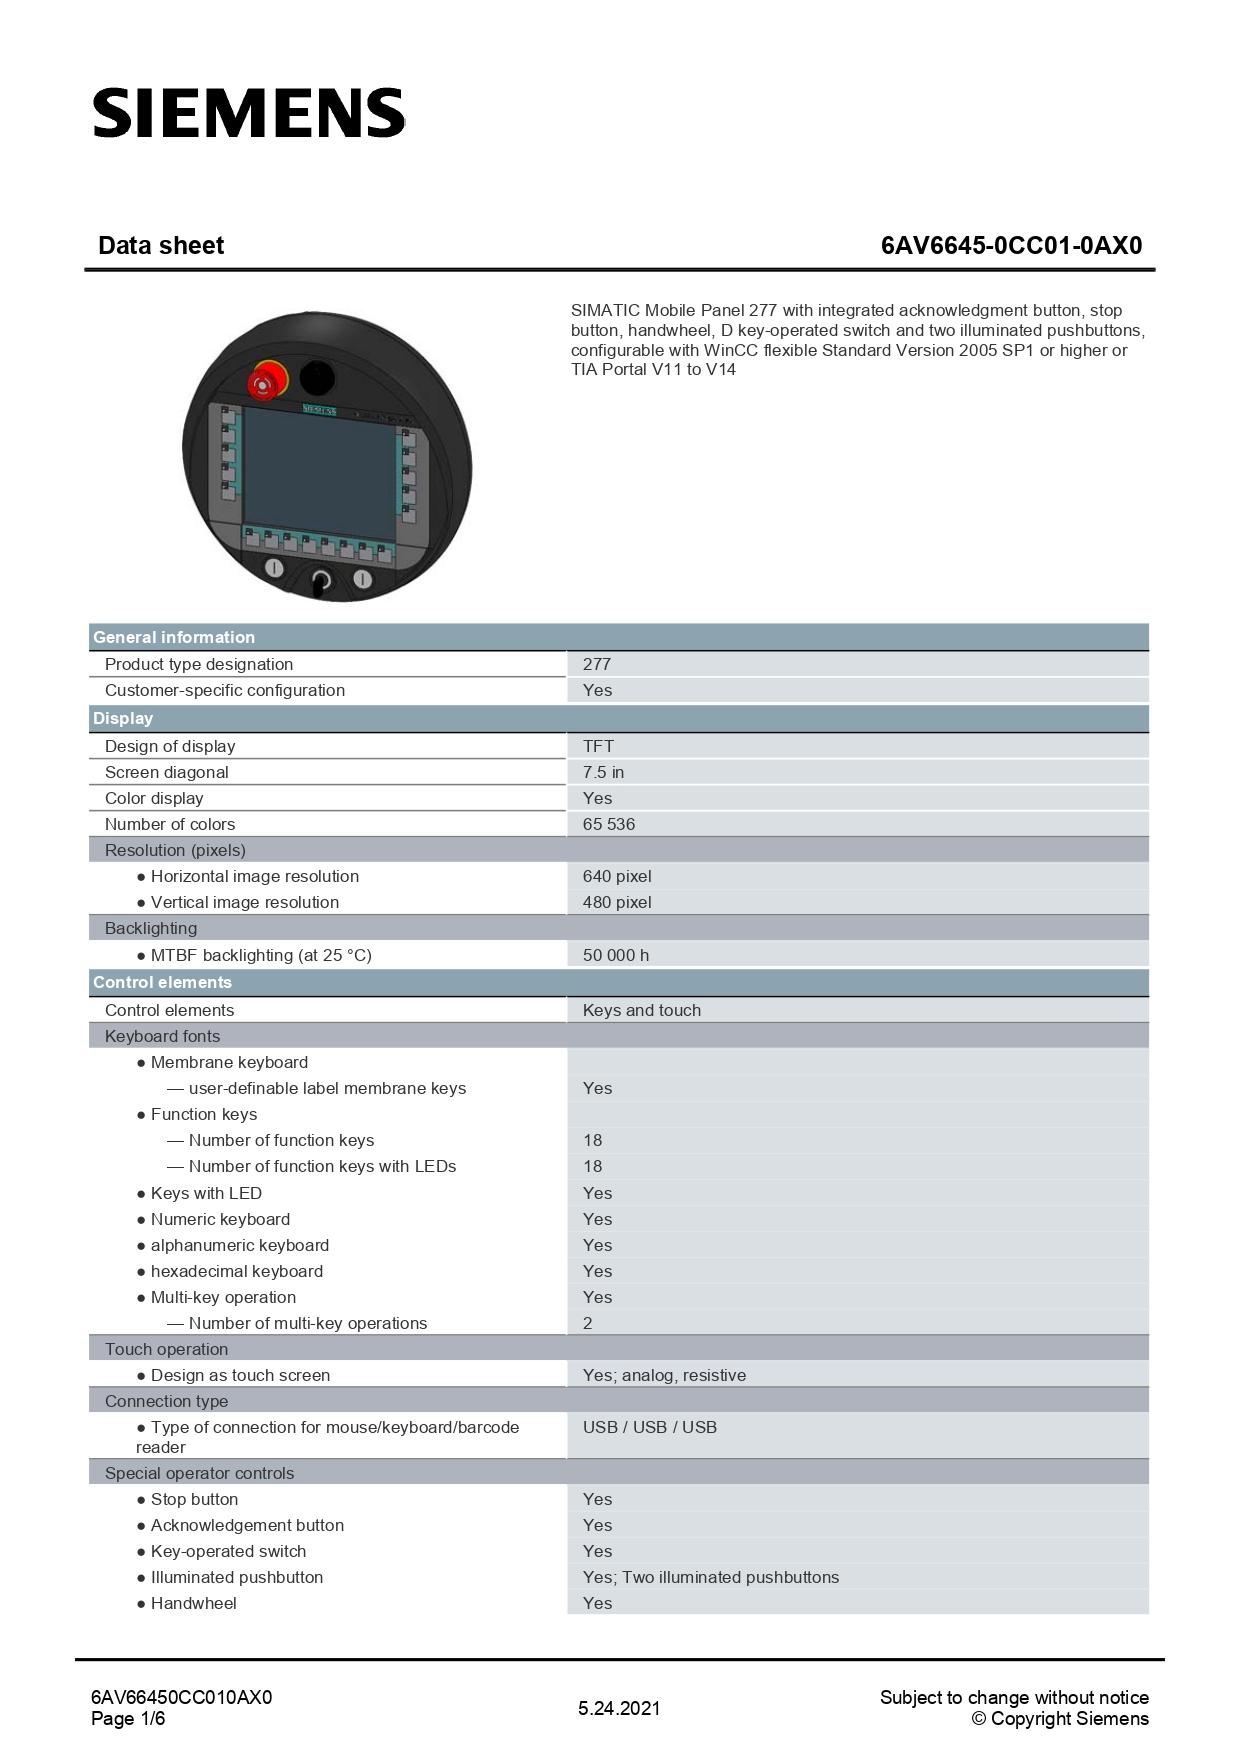 6AV66450CC010AX0_datasheet